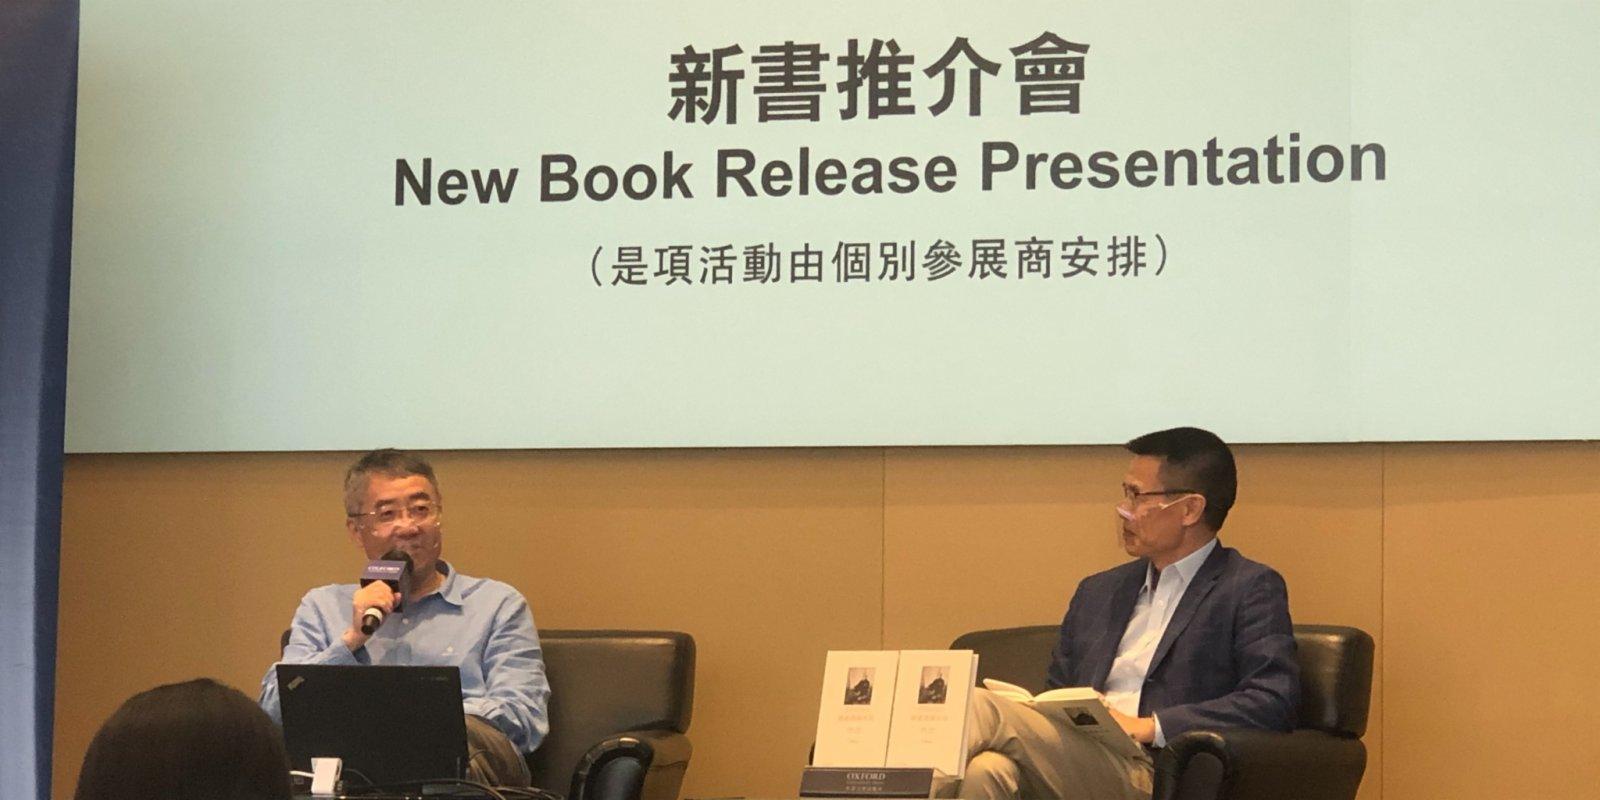 王強攜譯作《破產書商札記》現身書展講座 分享愛書人心得